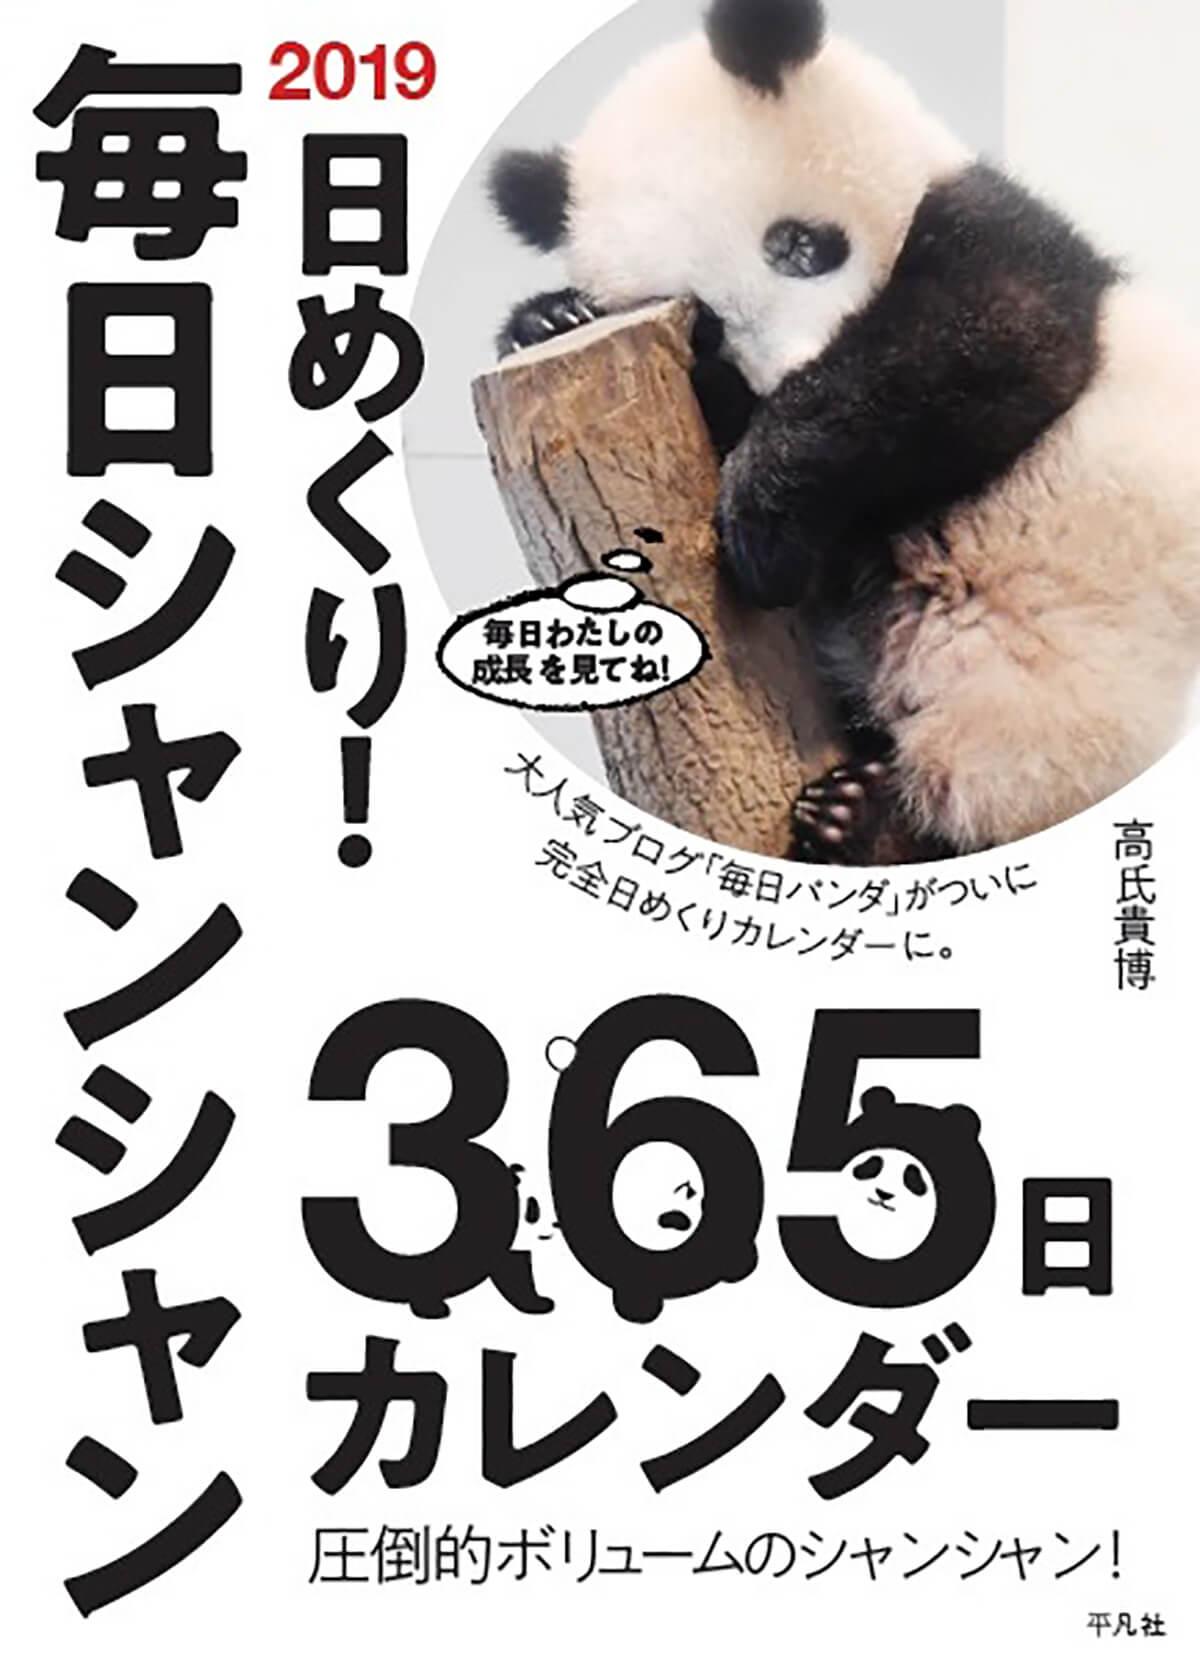 2019 日めくり!毎日シャンシャン365日カレンダー